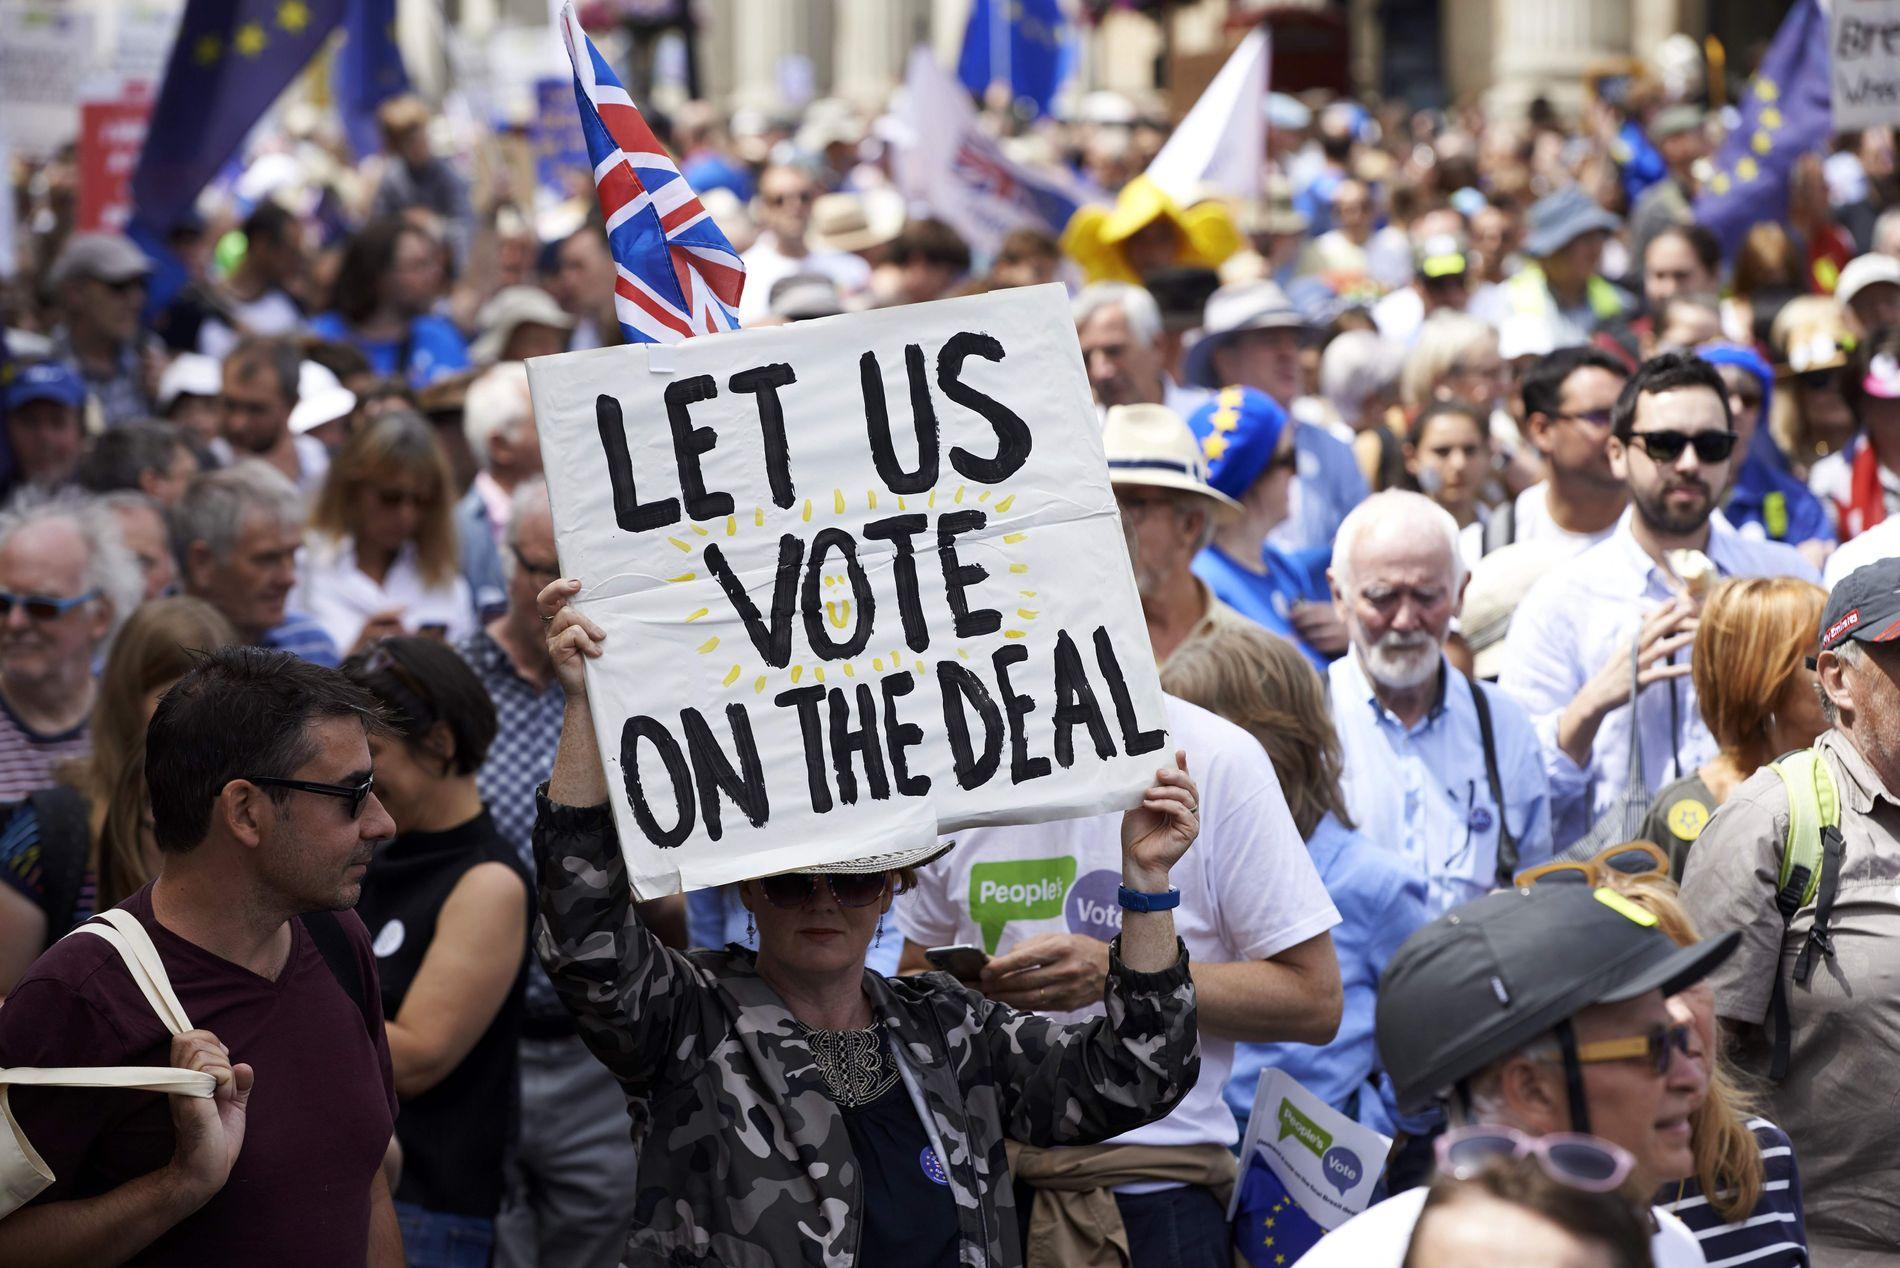 DEMONSTRERTE: Flere titusener deltok i en demonstrasjon for en ny folkeavstemning om Brexit i London 23. juni.